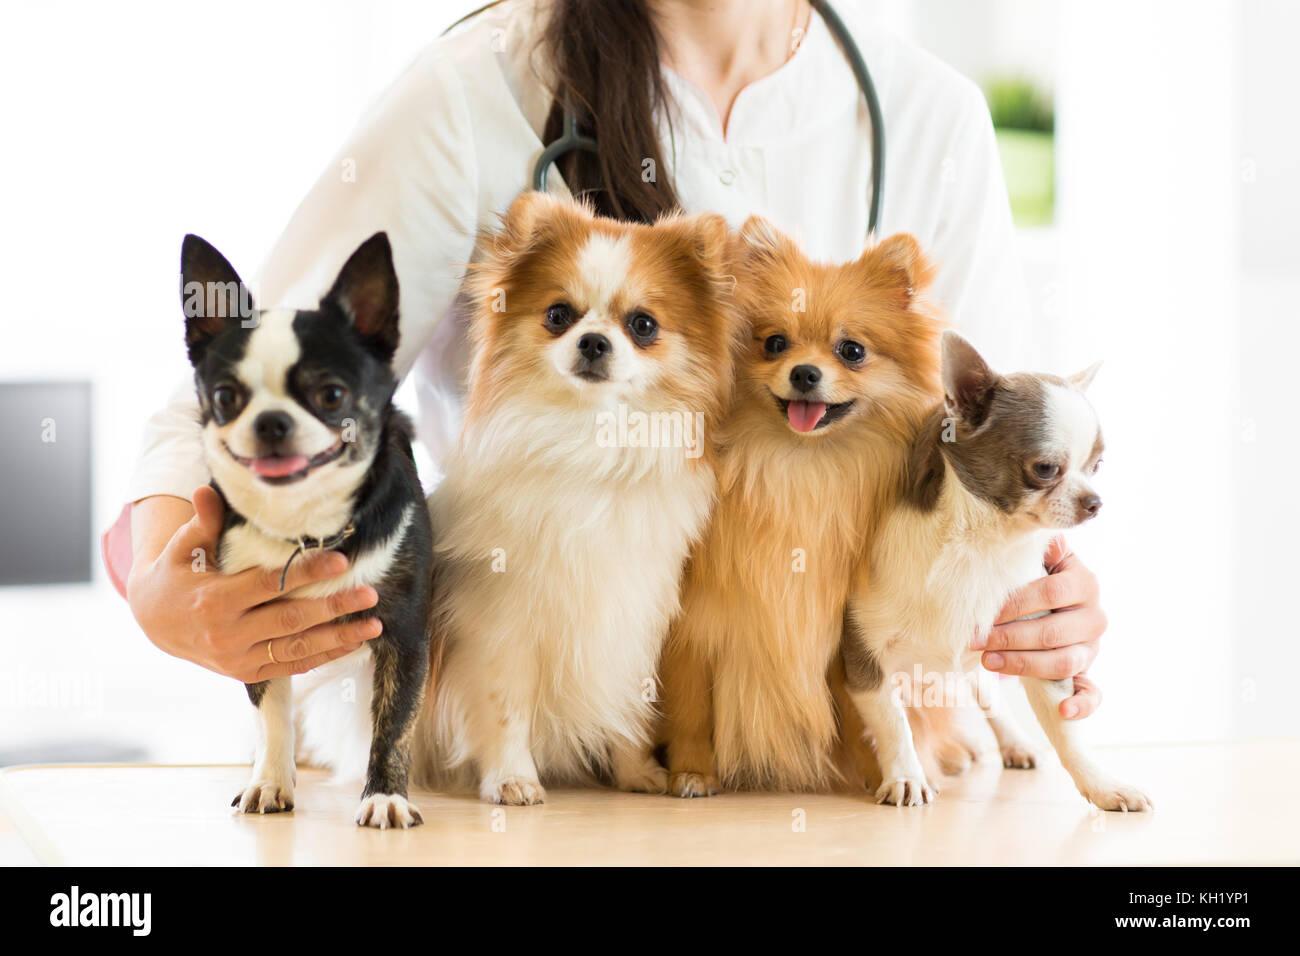 Female vet holding dogs in hospital - Stock Image